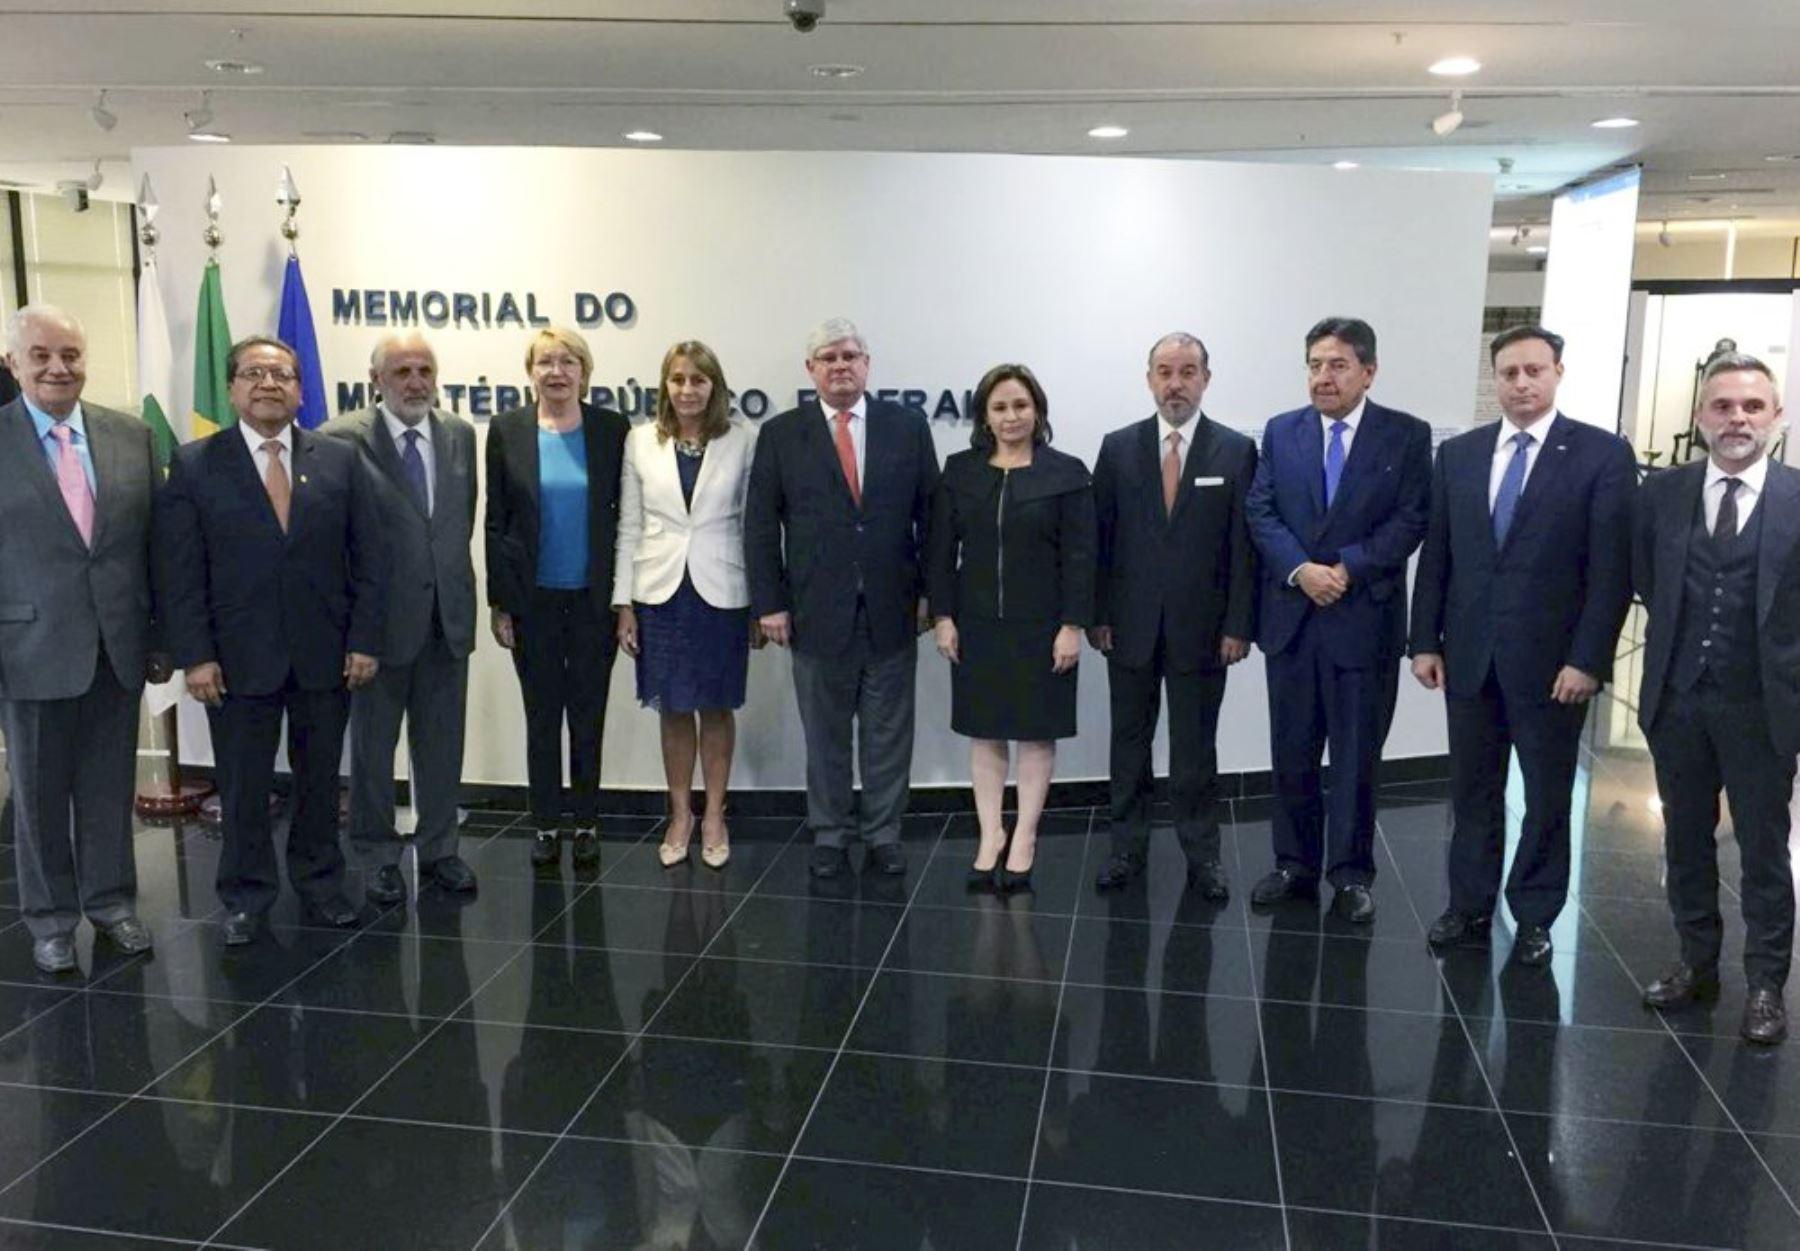 Fiscales de quince países en los que operó Odebrecht se reúnen en Brasil para intercambiar información de los presuntos pagos de sobornos. Difusión